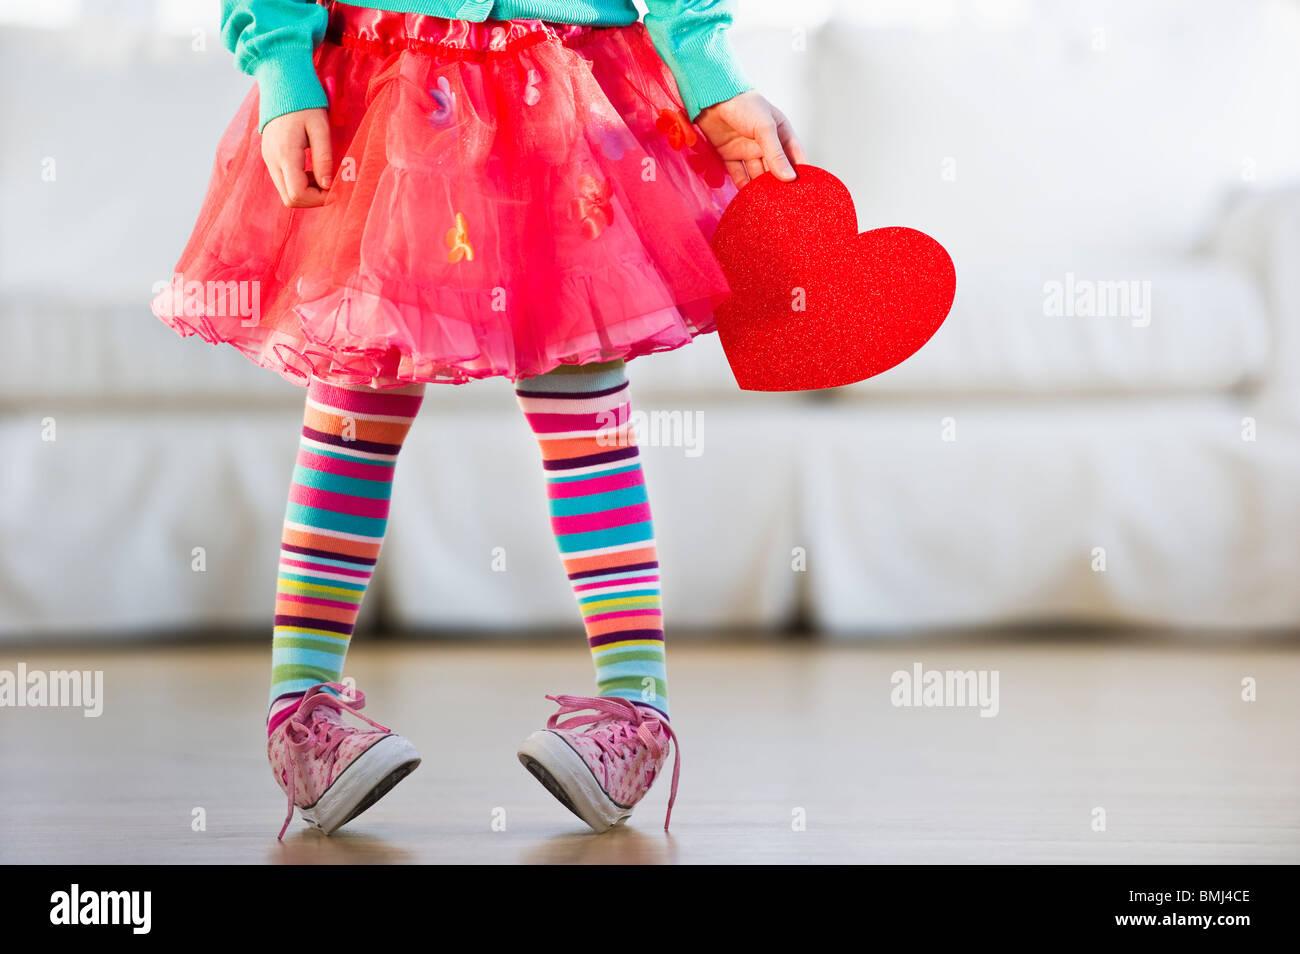 Jeune fille portant des collants colorés Banque D'Images